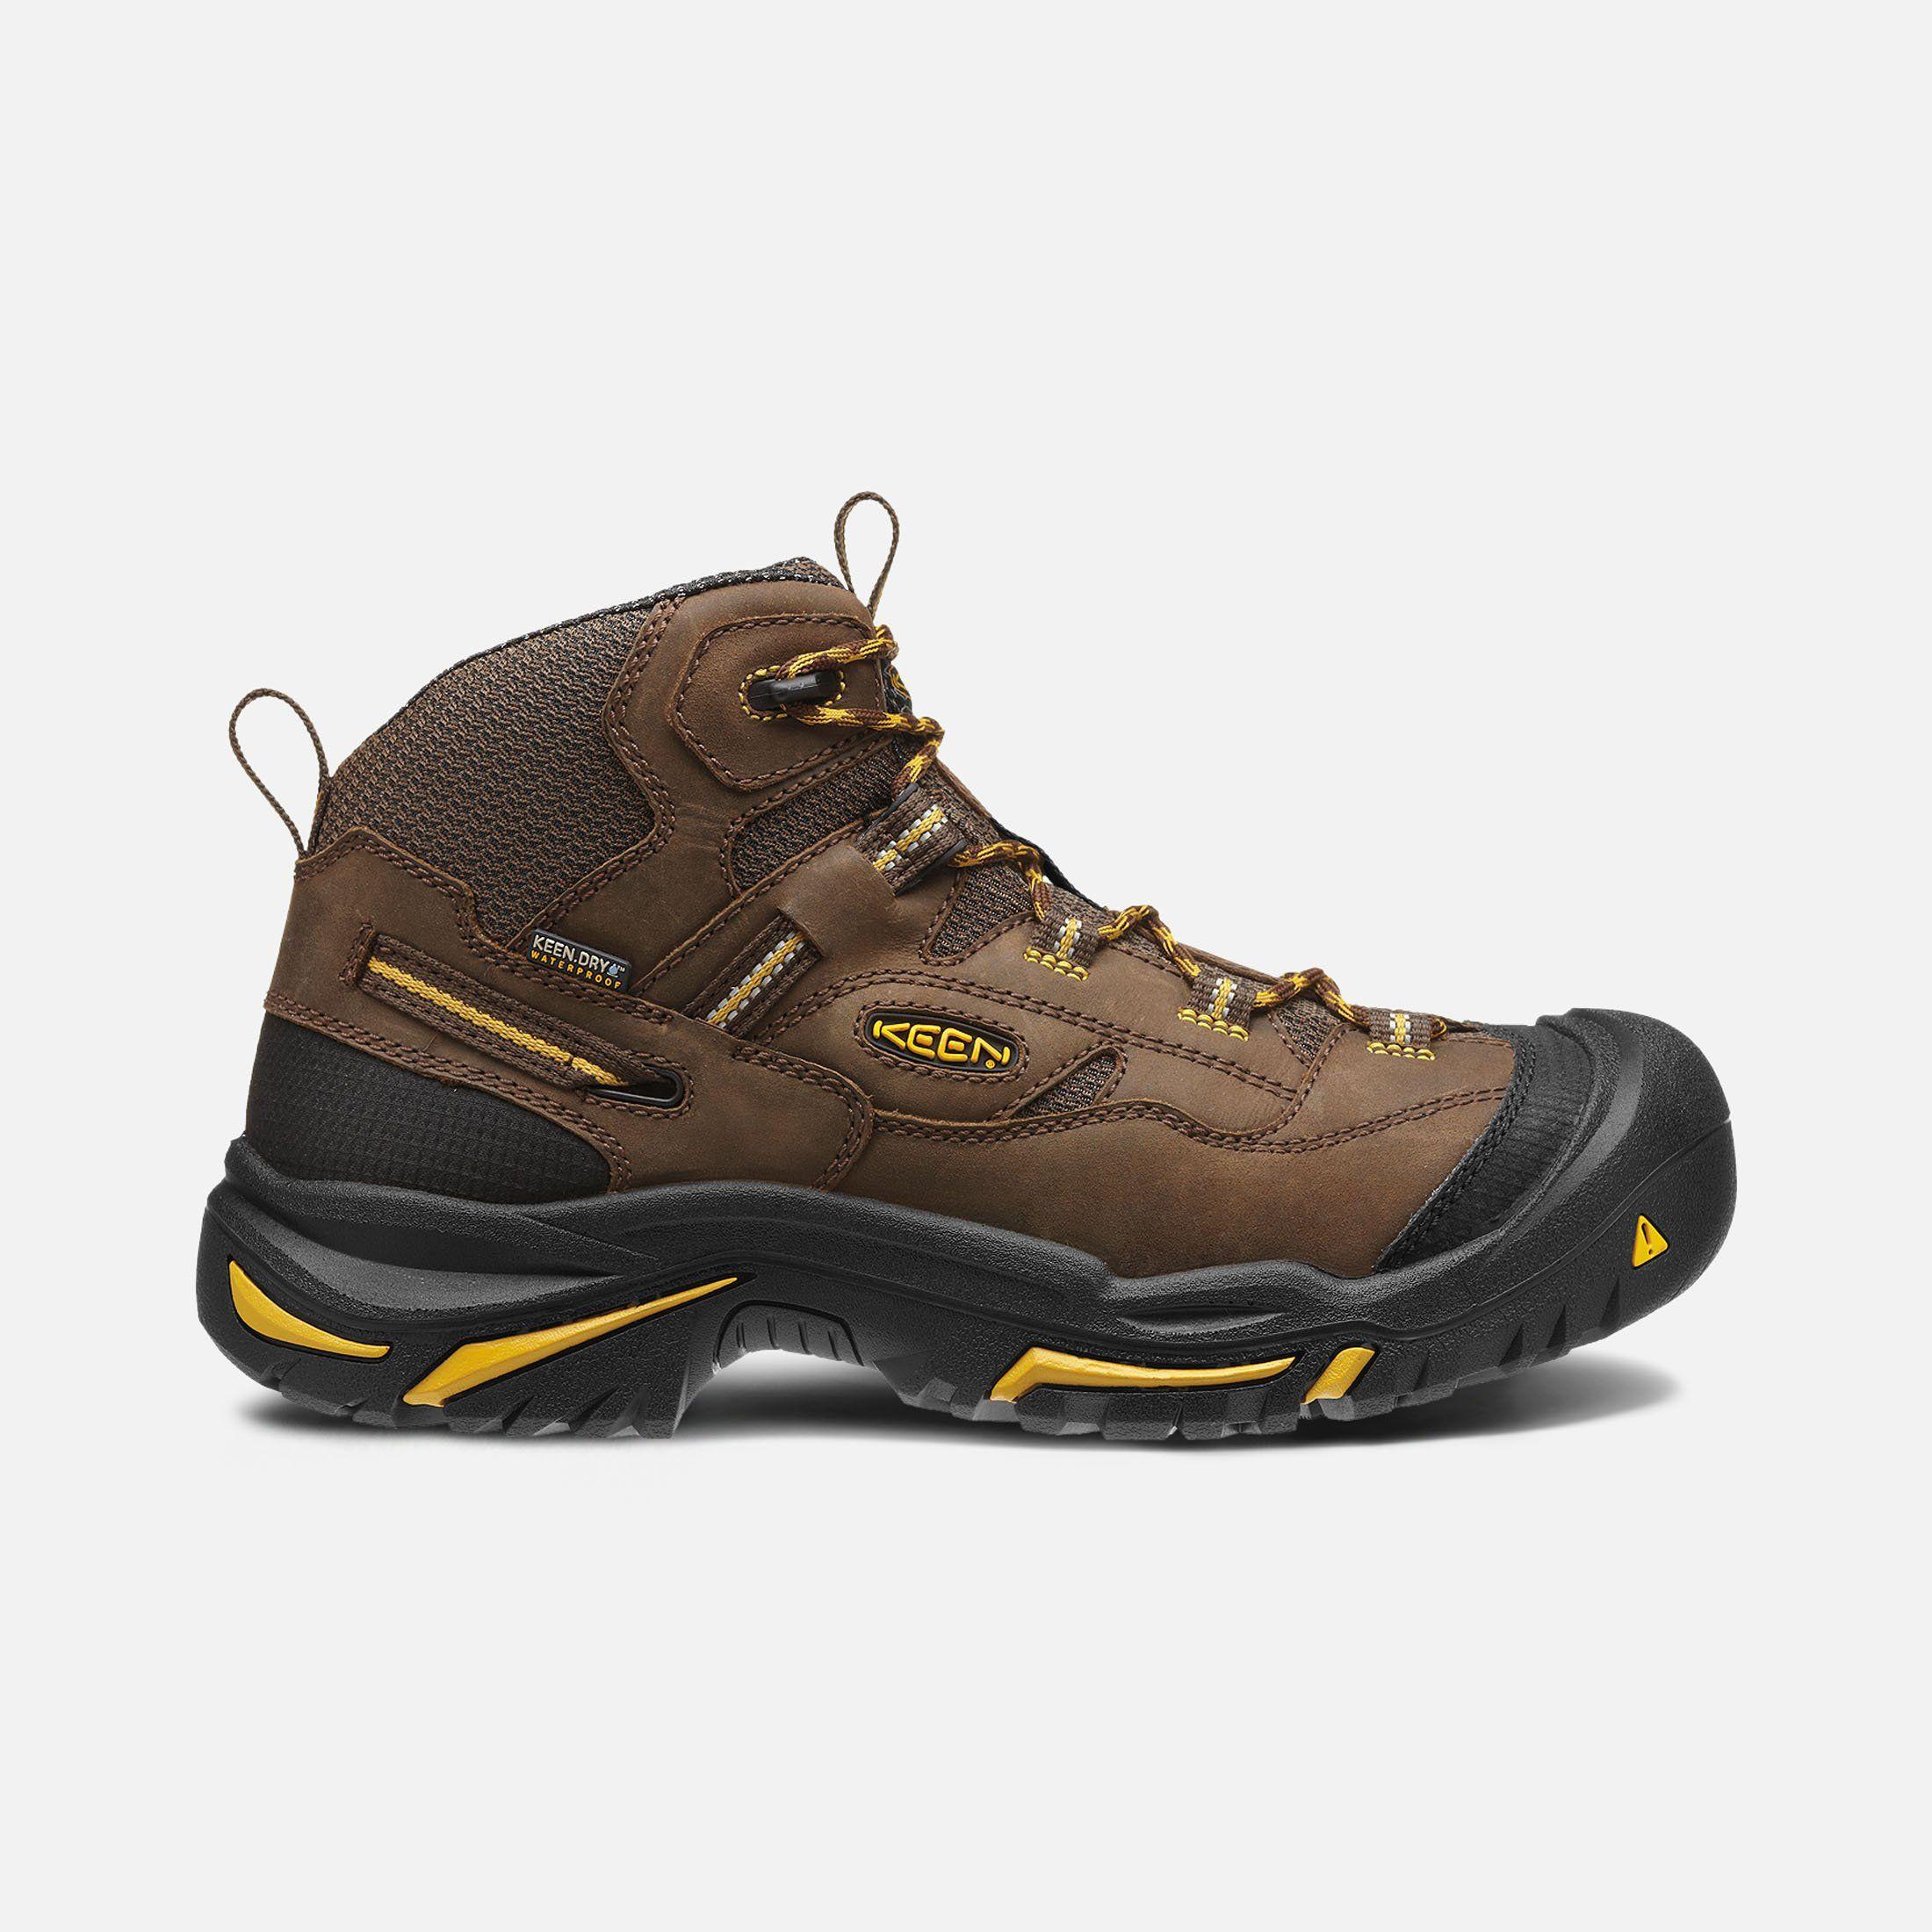 Keen Men S Waterproof Hiking Boots Braddock Mid Soft Toe 8 5